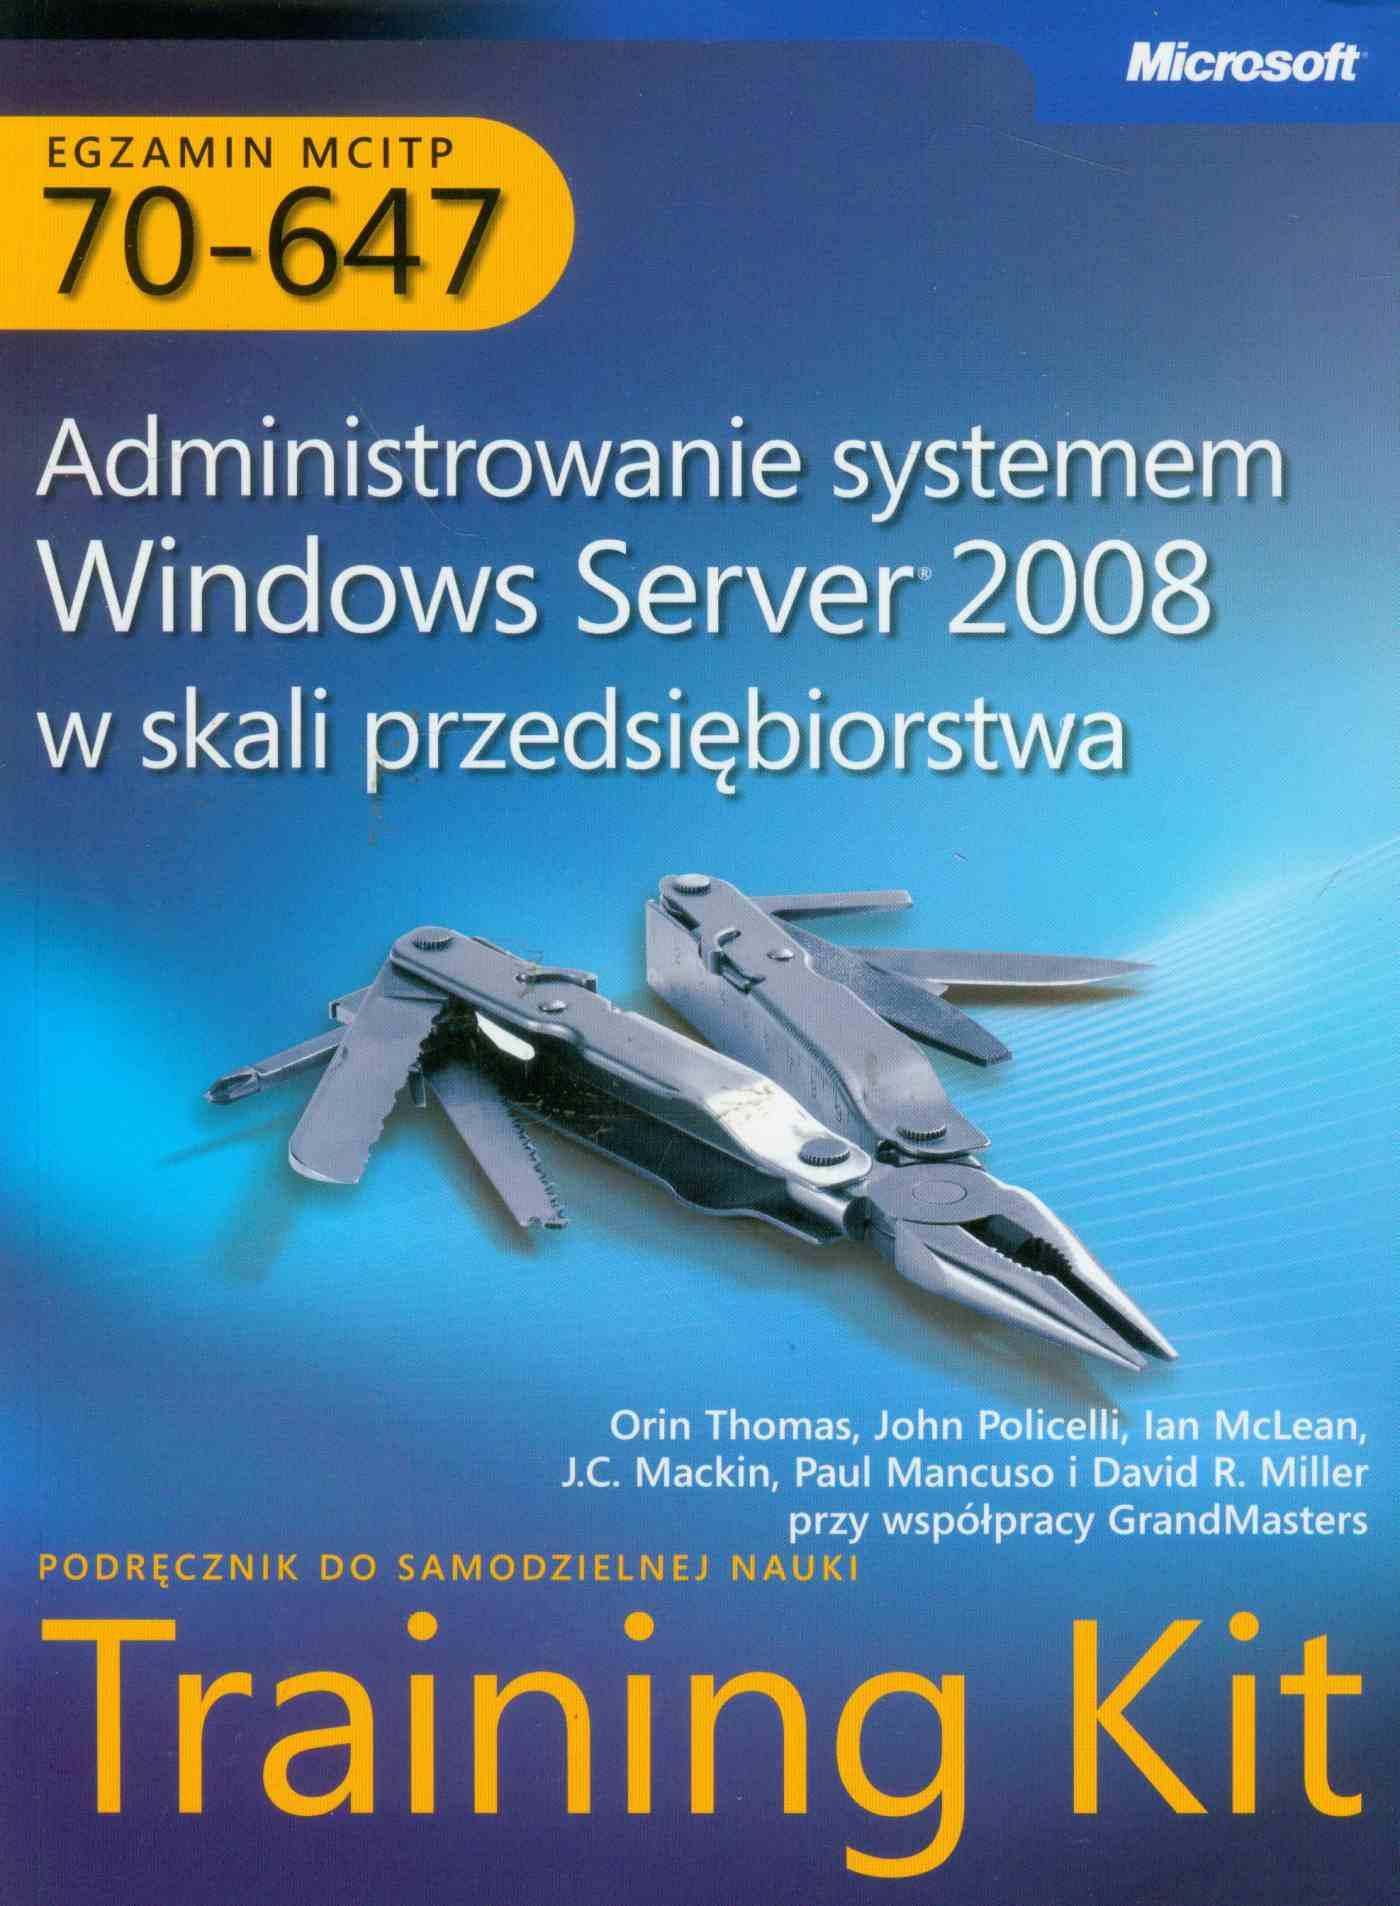 Egzamin MCITP 70-647 Administrowanie systemem Windows Server 2008 w skali przedsiębiorstwa - Ebook (Książka PDF) do pobrania w formacie PDF